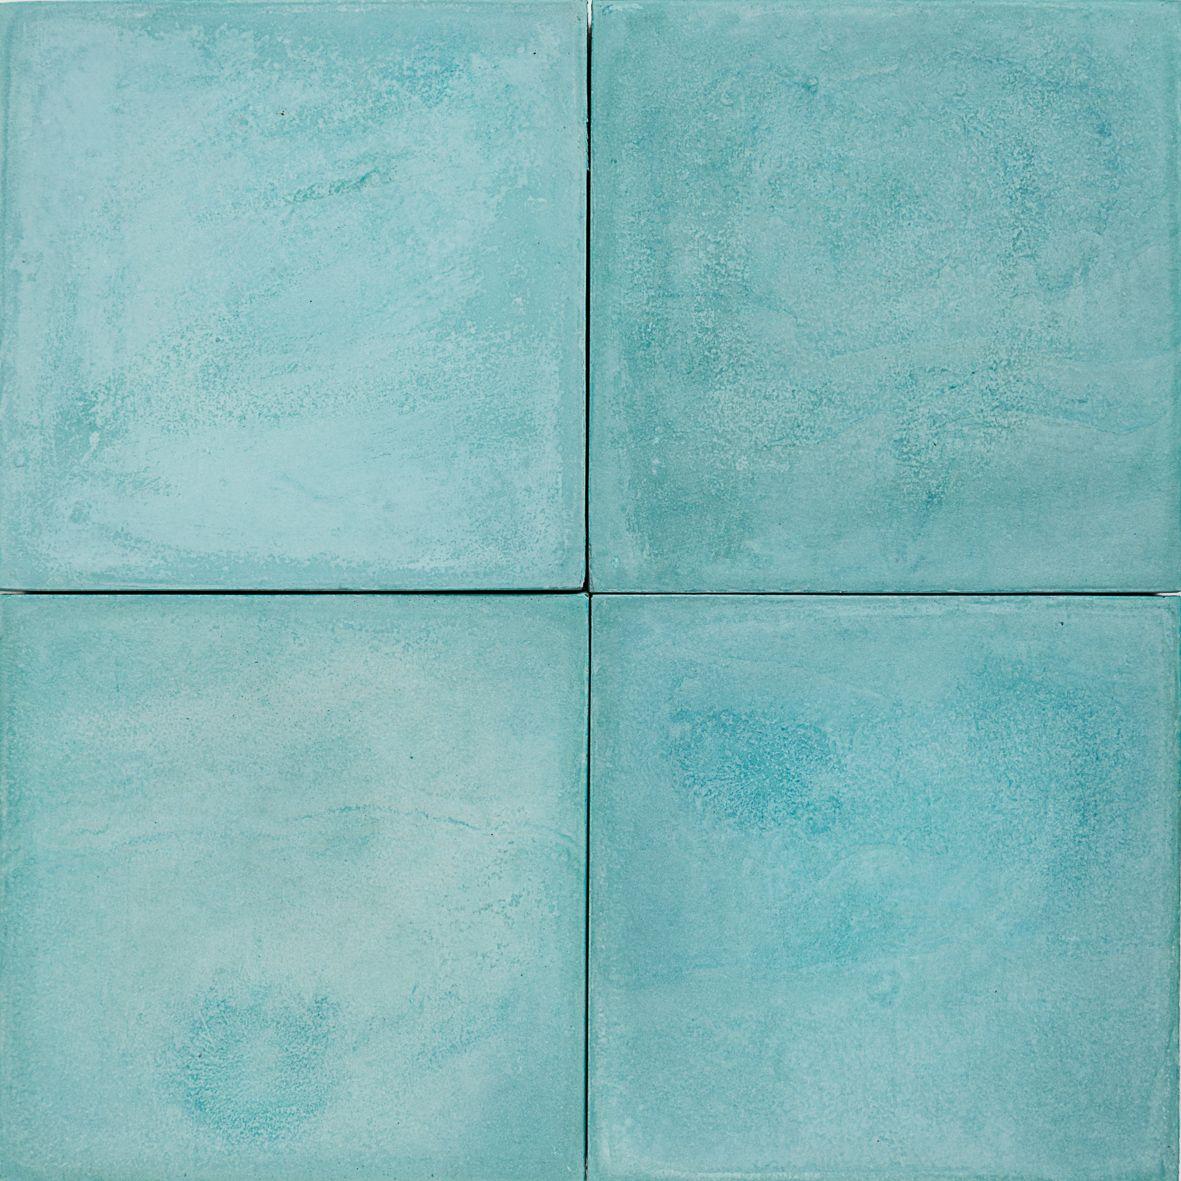 Bathroom tiles blue colour - Cement Encaustic Tile Colour Turquoise 4